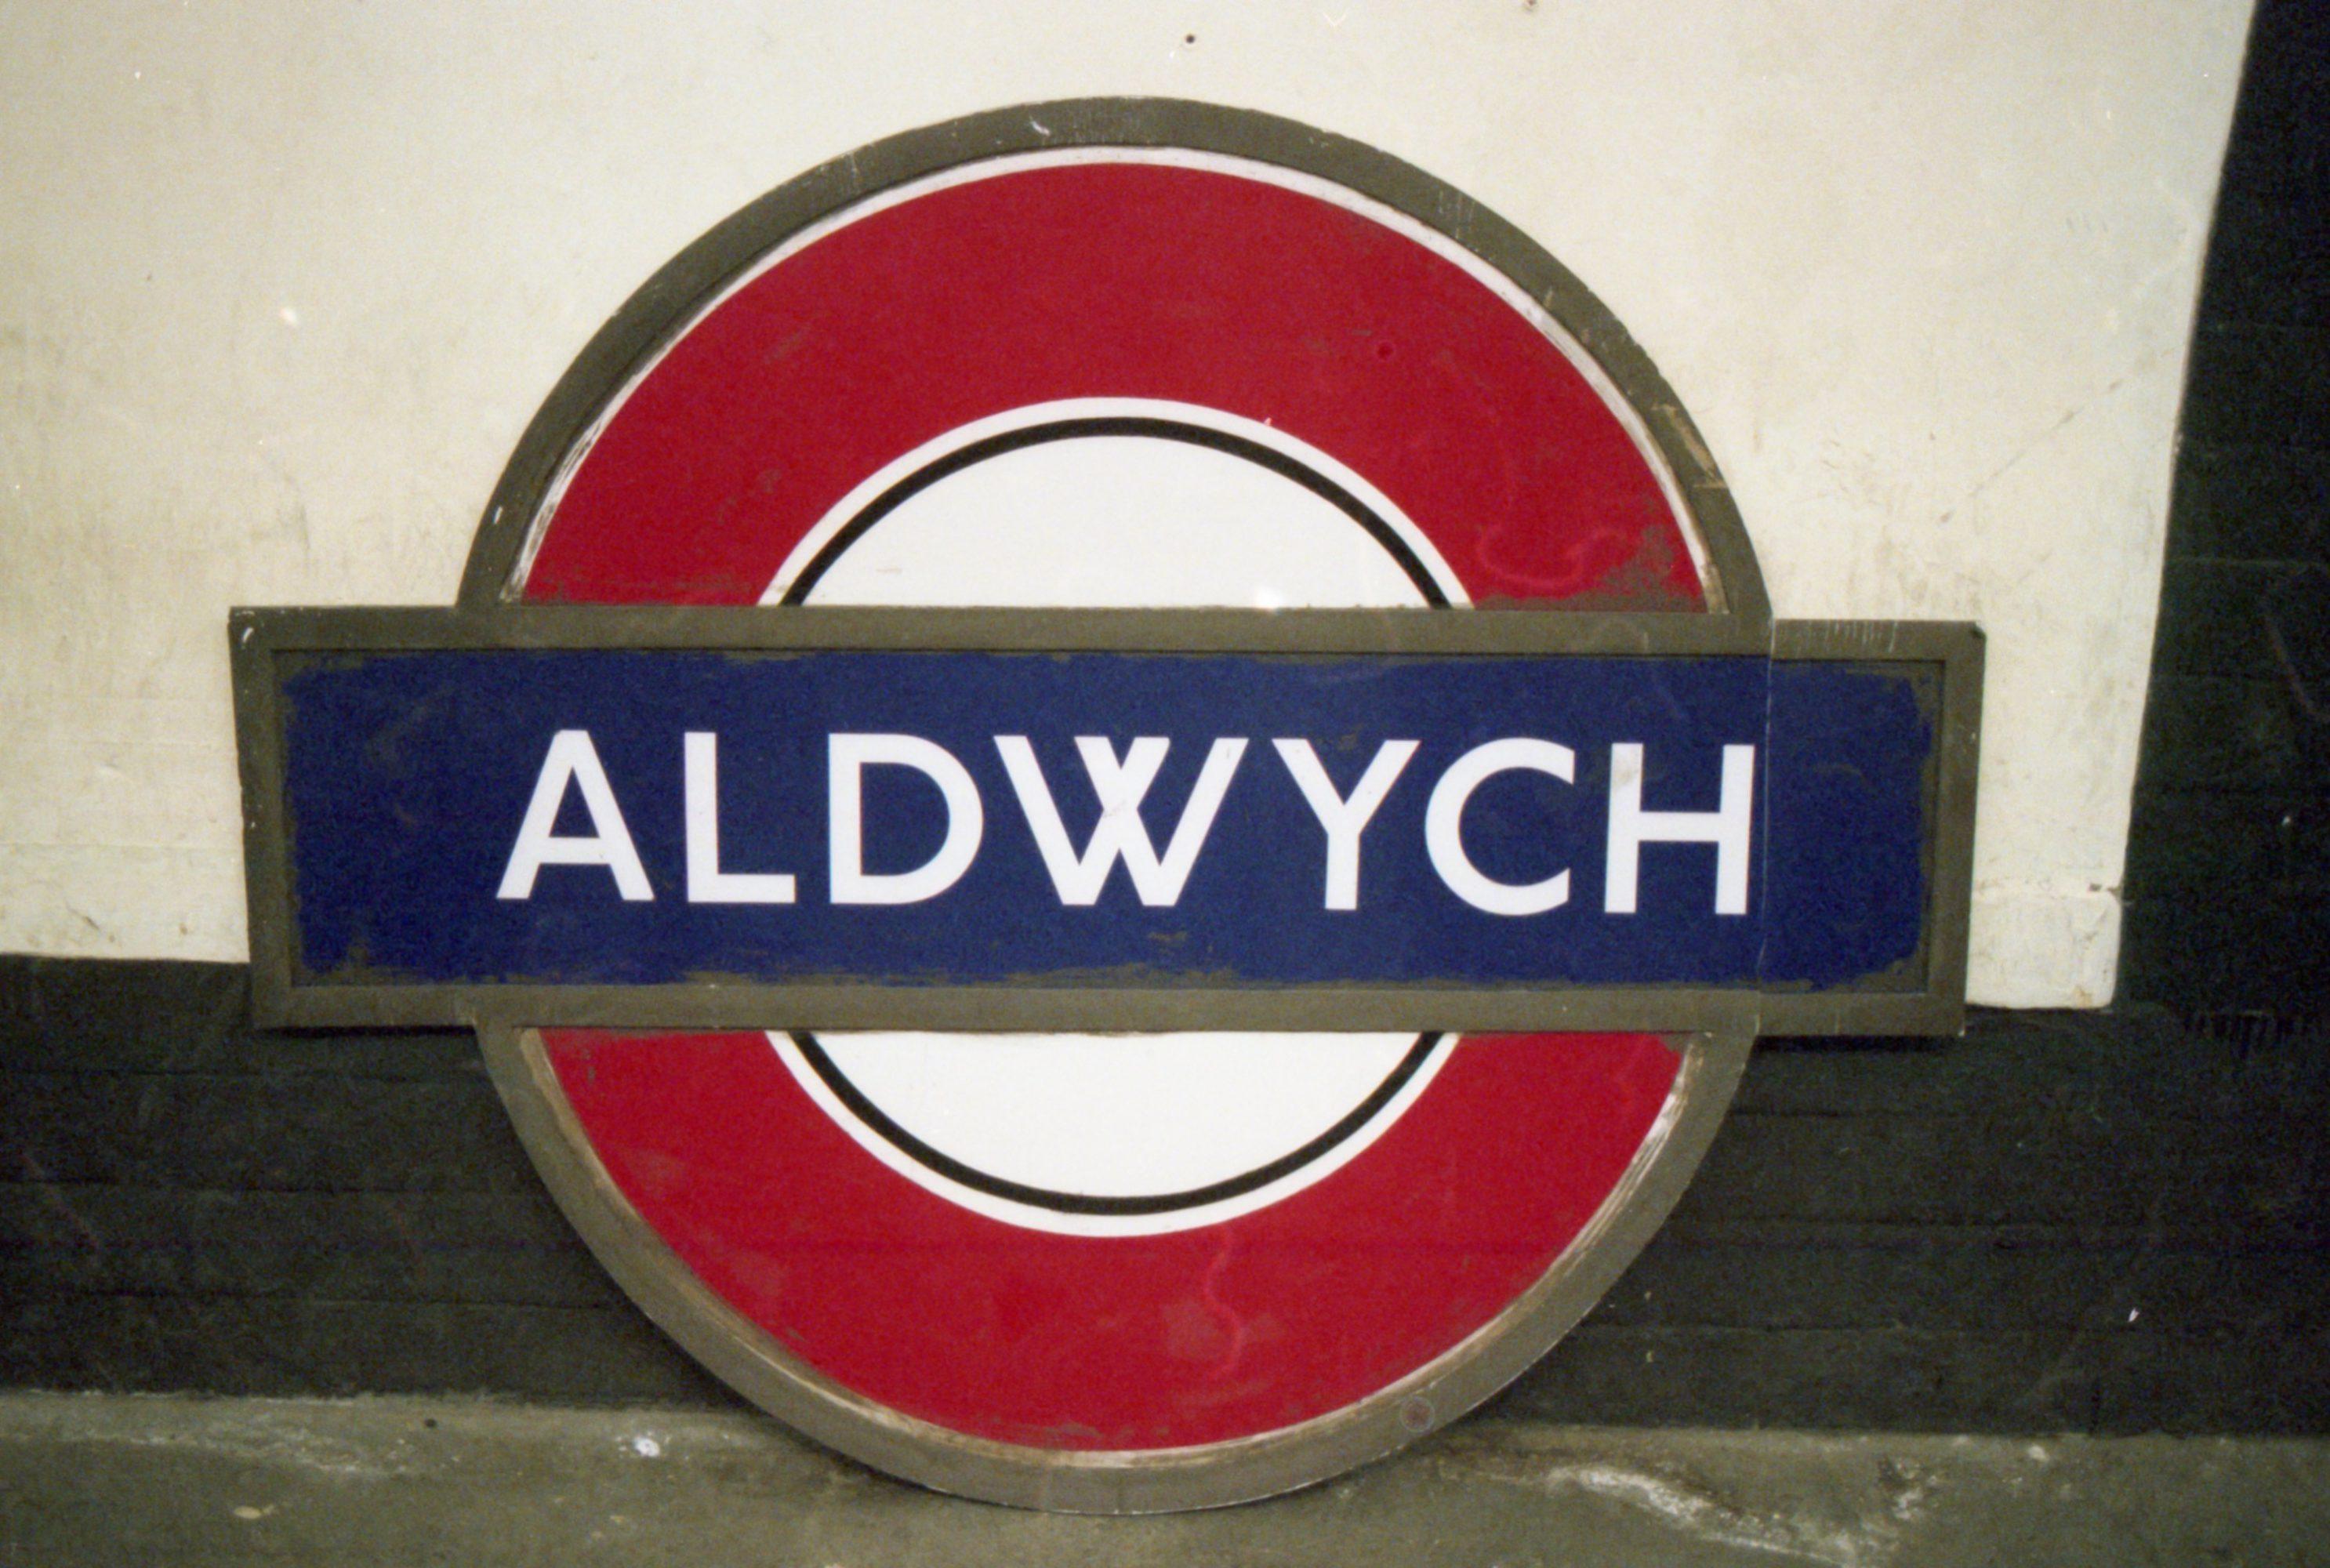 Aldwych Station - Fujifilm ISO 1600